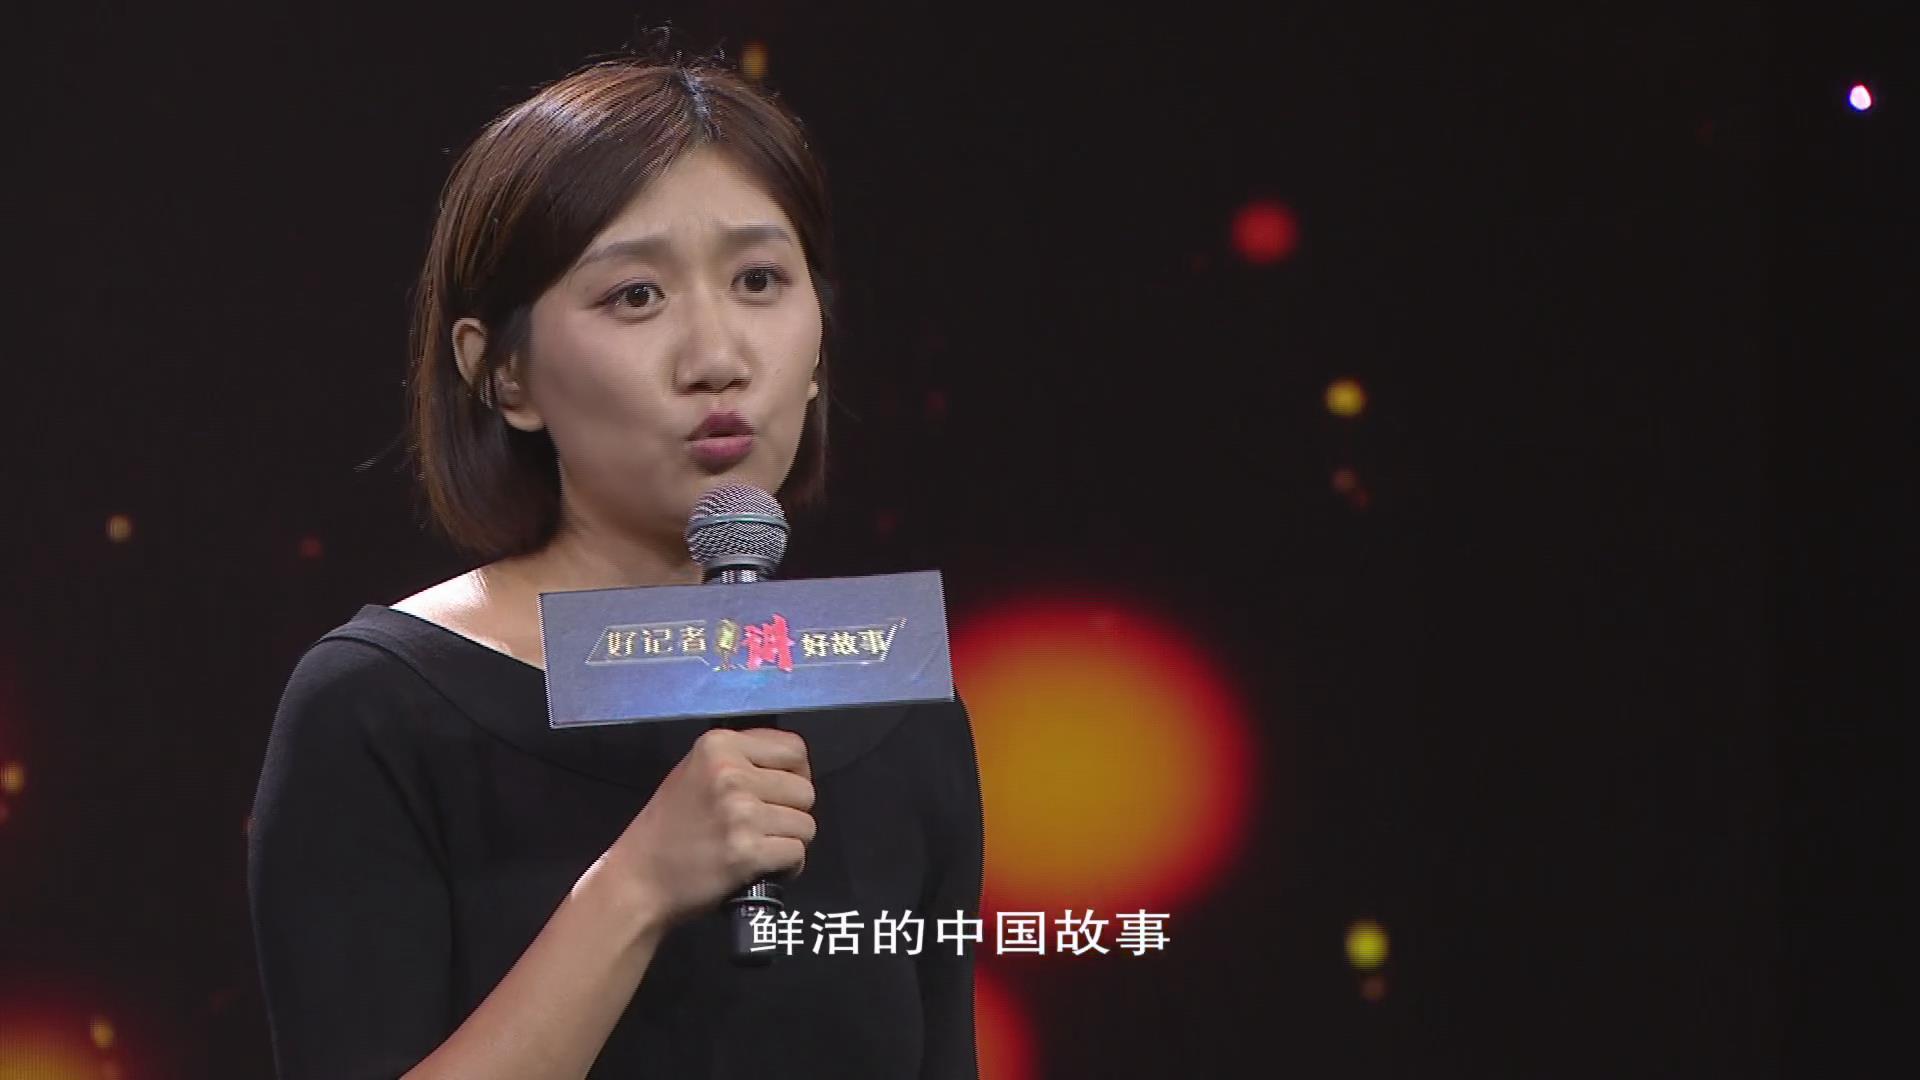 王璐瑶——《初心不改 无问西东》